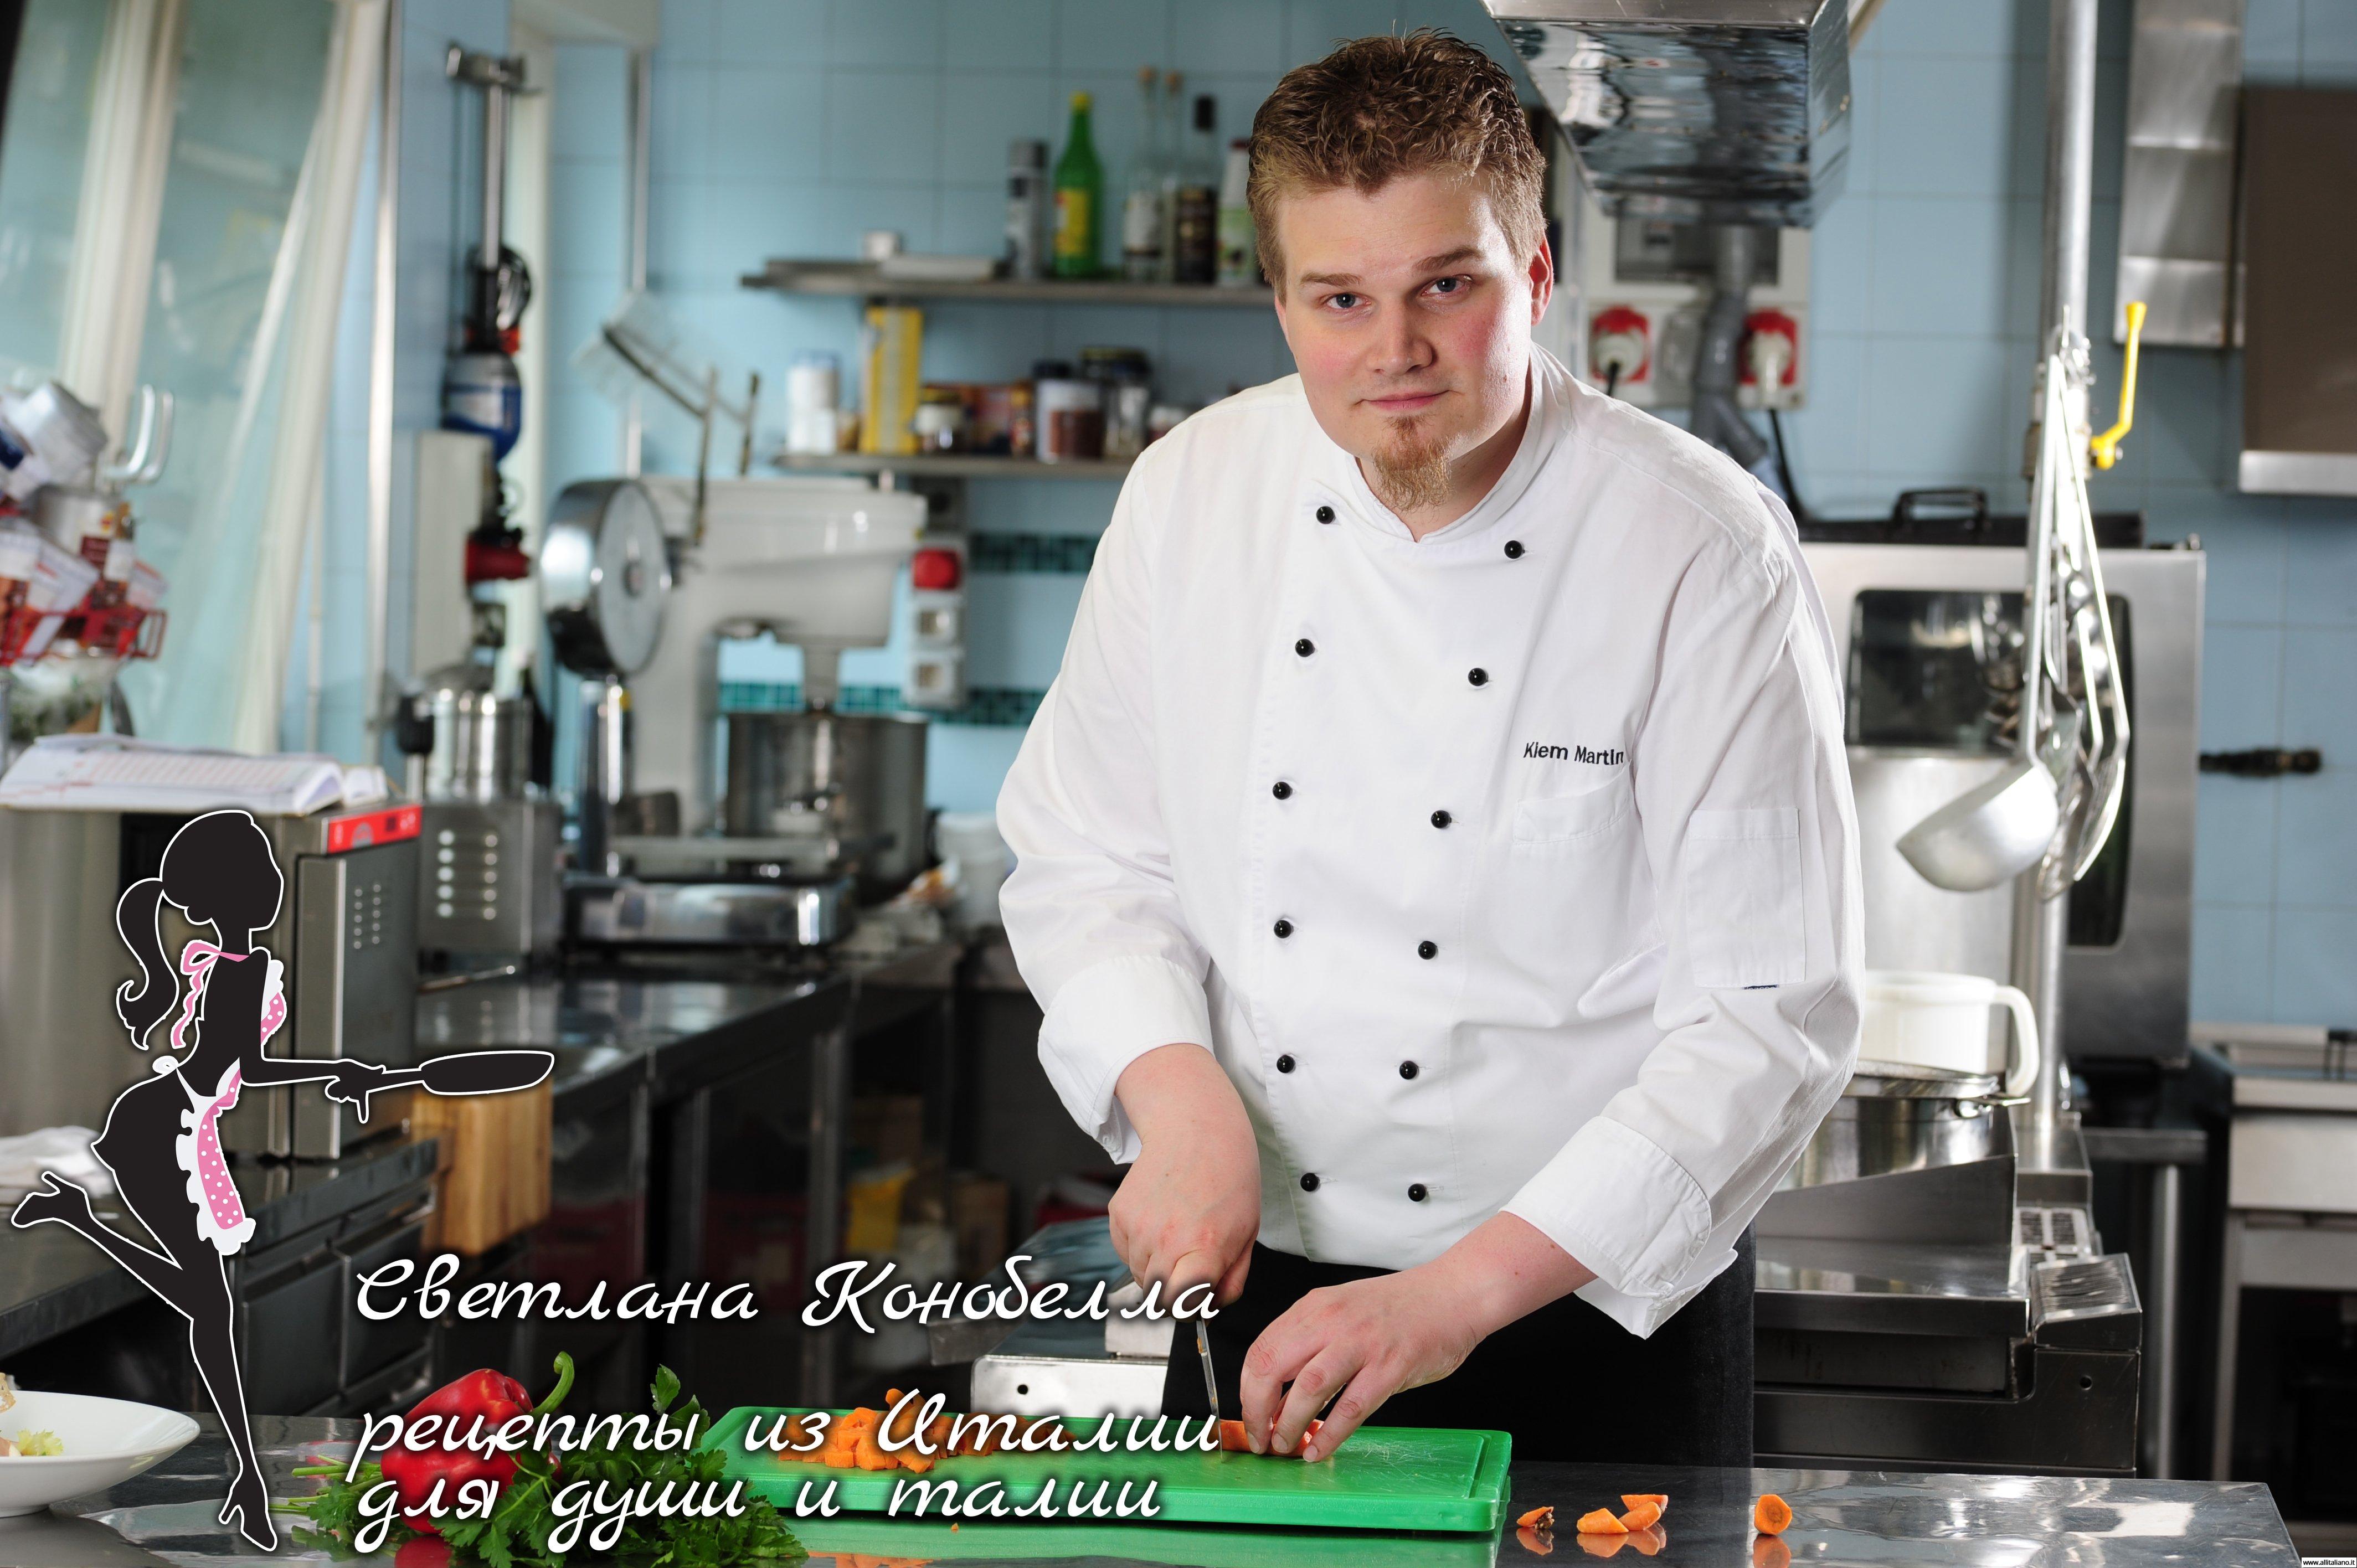 konobella-martin_kim-italy-italjanskaja-kuhnia-rezepty-alto-adige (11)